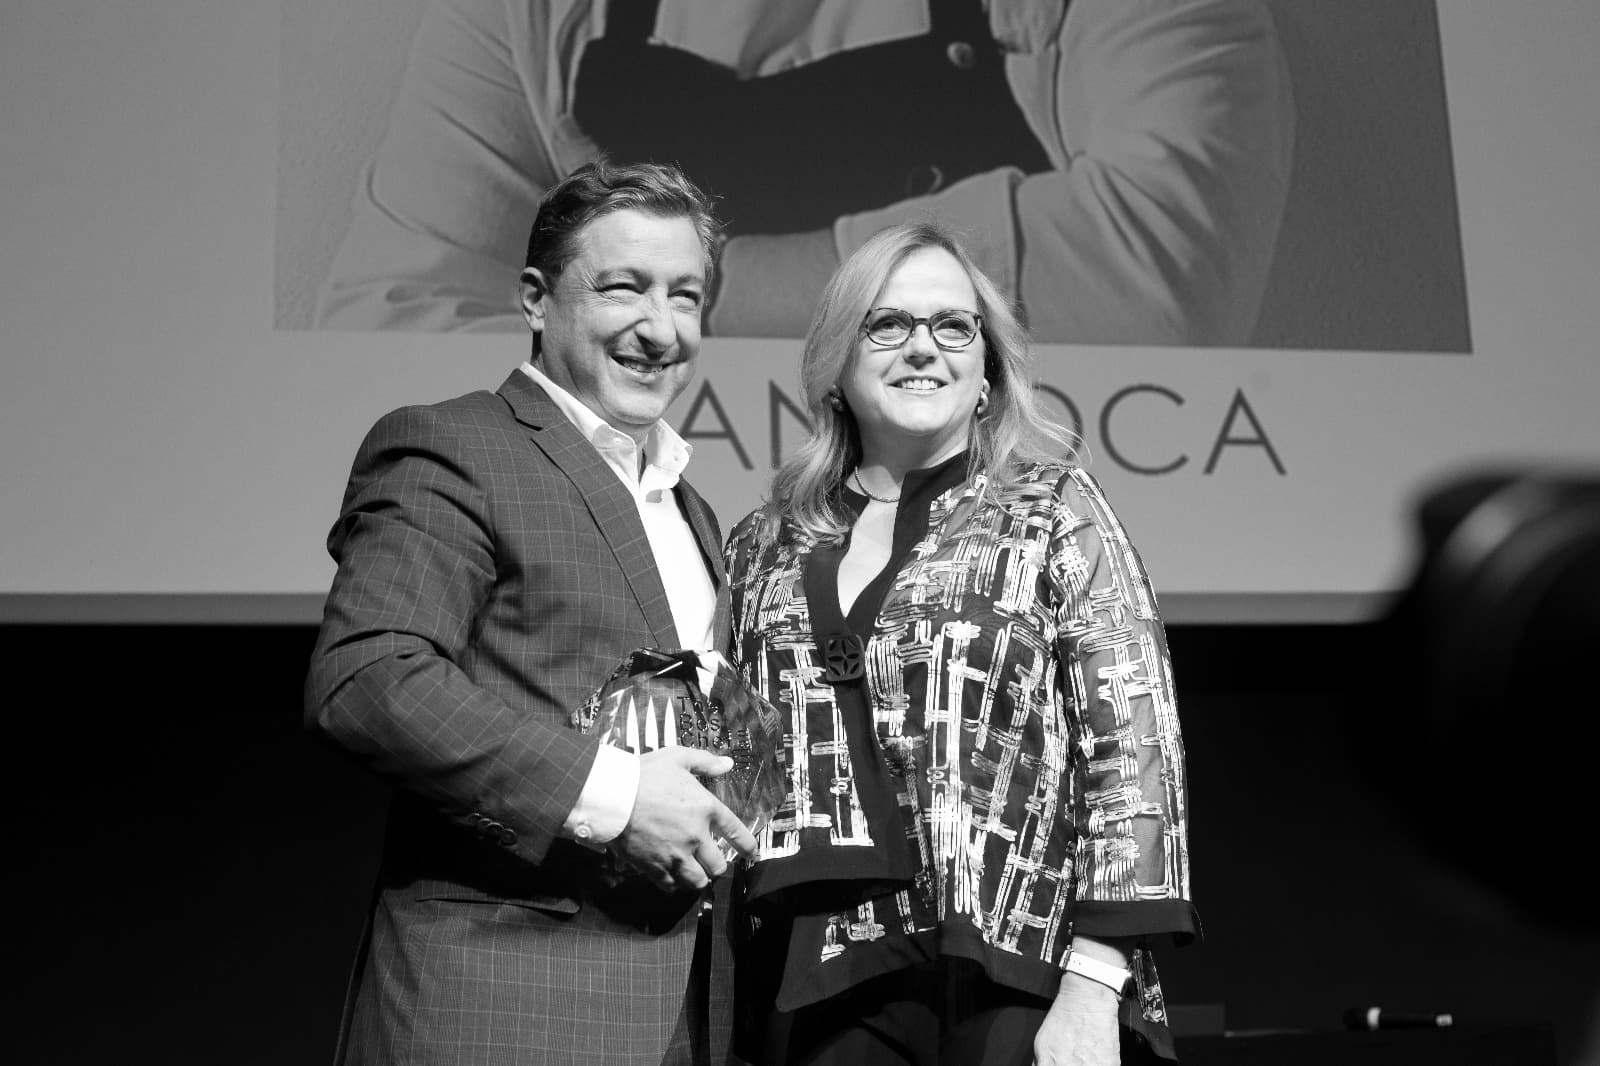 joan roca pour f s laur at du best chef award 2018. Black Bedroom Furniture Sets. Home Design Ideas